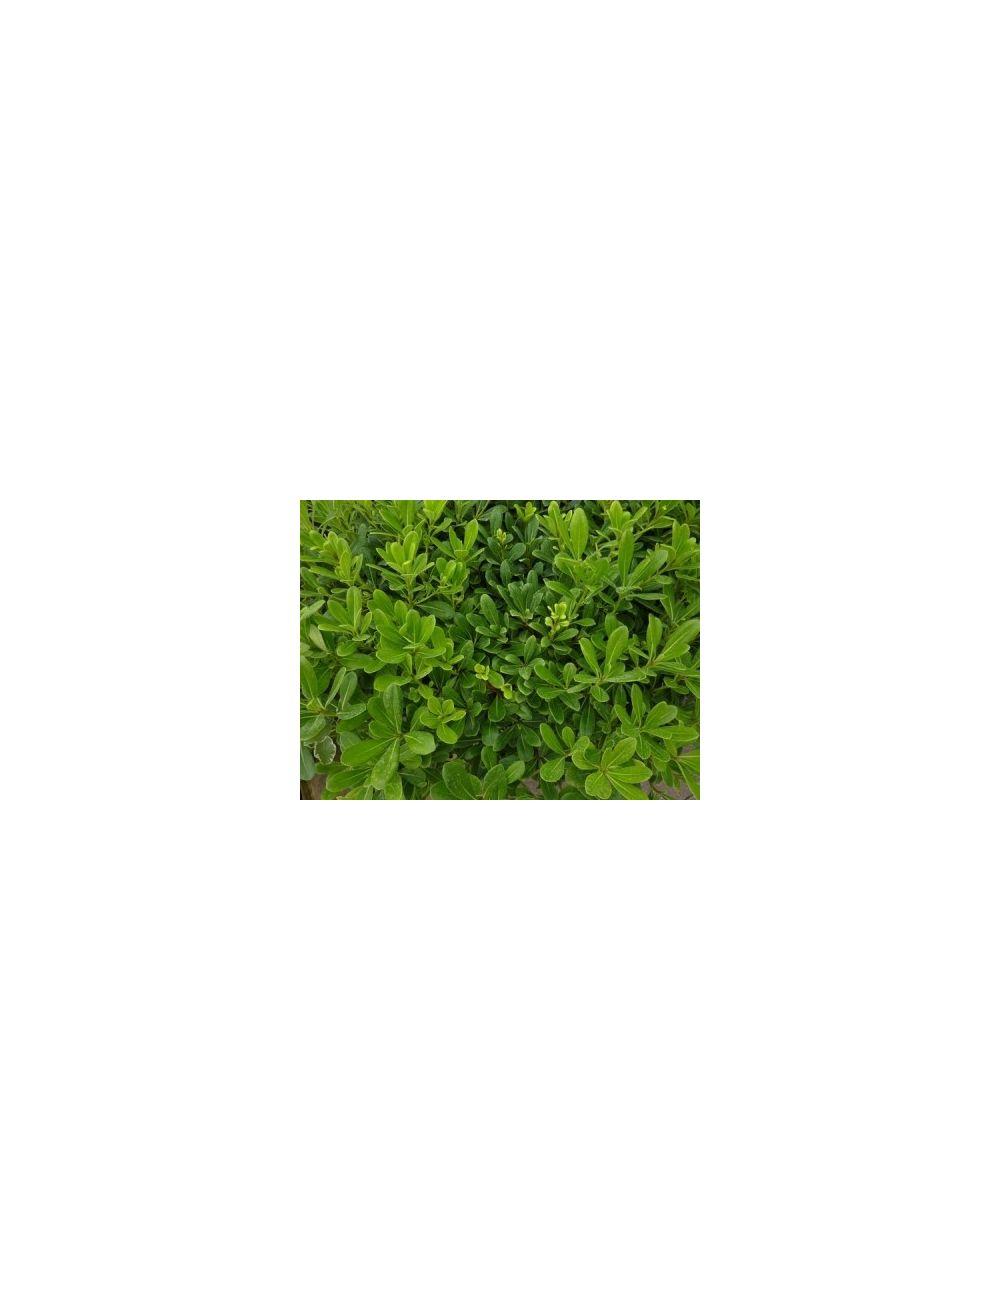 Pitosforo Nano (Pittosporum Tobira Nana)